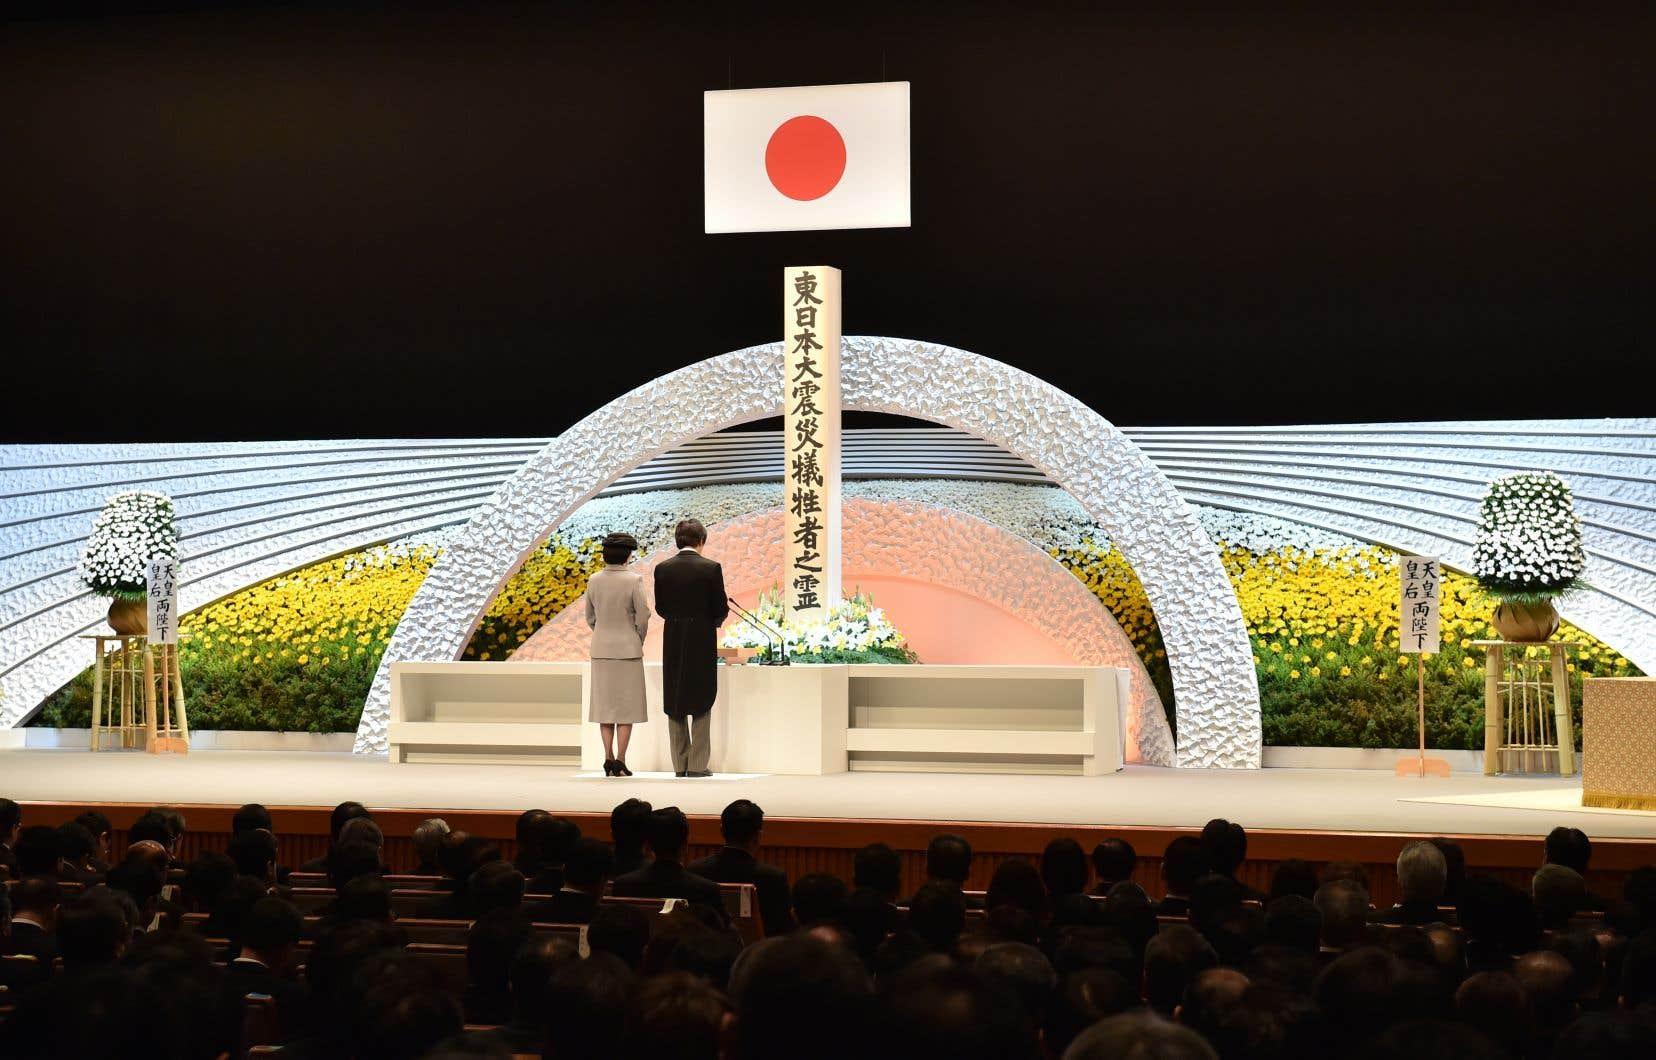 Un hommage national a été rendu aux victimes à Tokyo, en présence du prince Akishino, le fils cadet de l'empereur Akihito, et de son épouse Kiko, tous deux représentant le couple impérial.